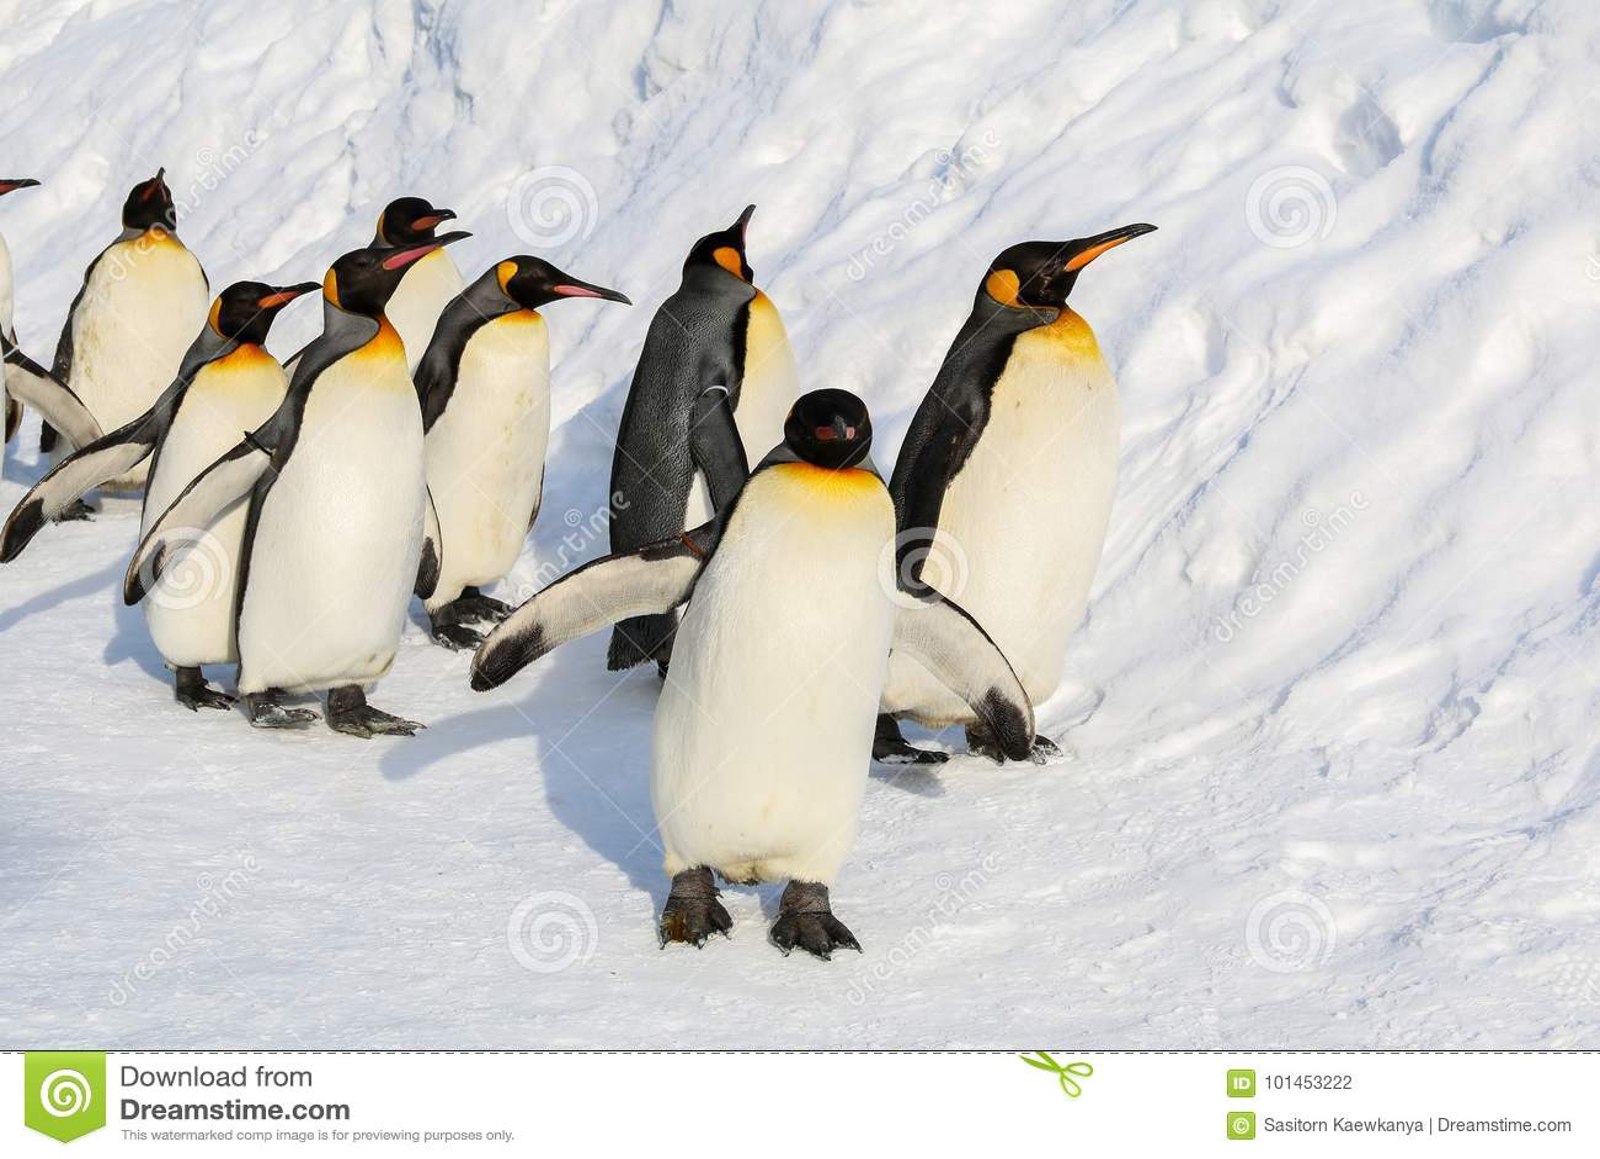 Koningspinguïnen die op de sneeuw lopen